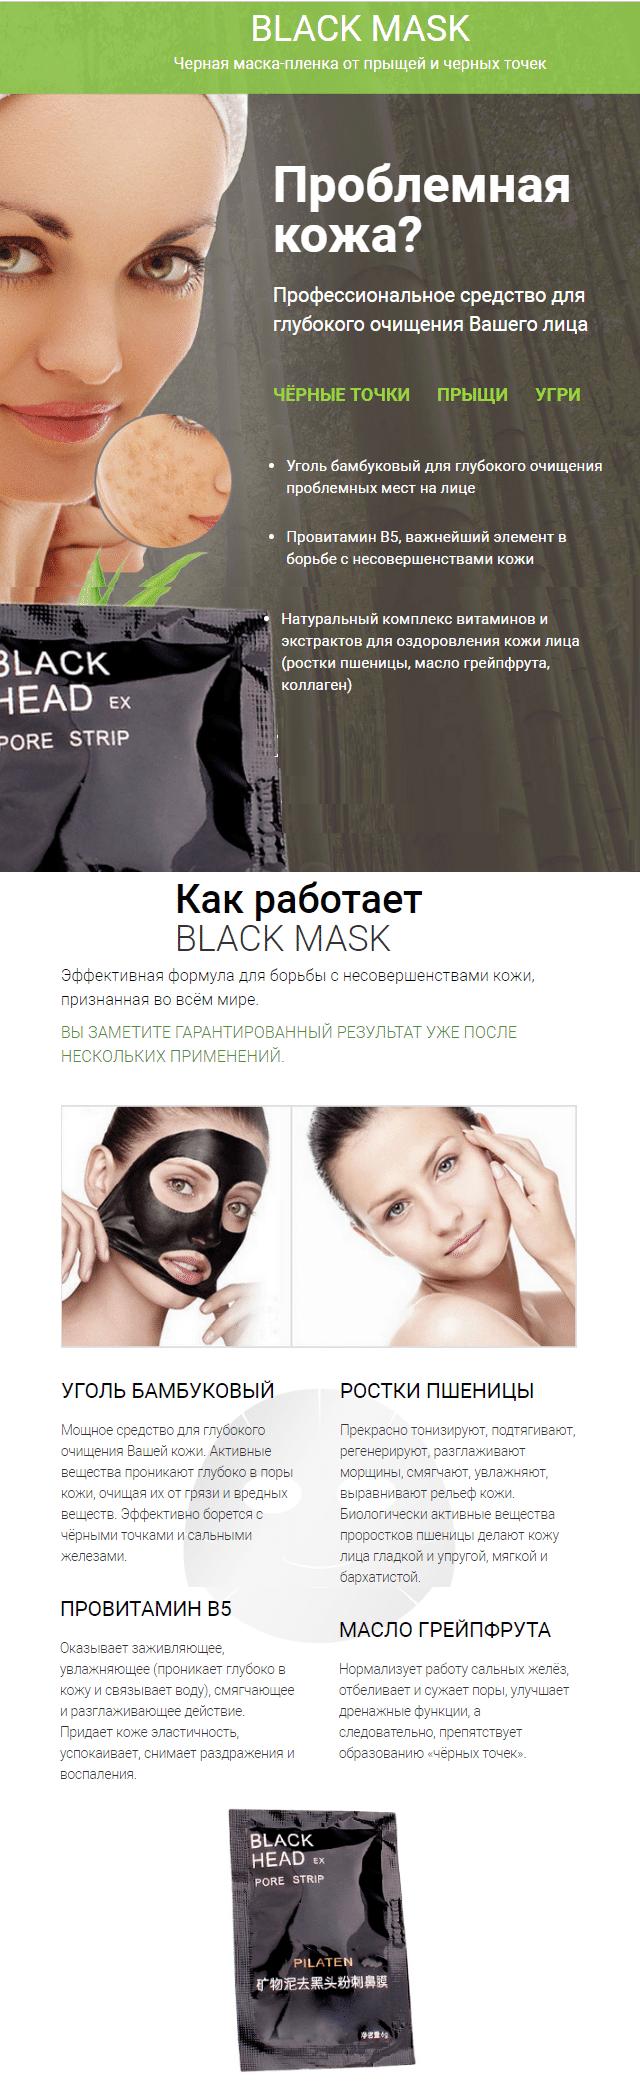 черная маска от черных точек купить